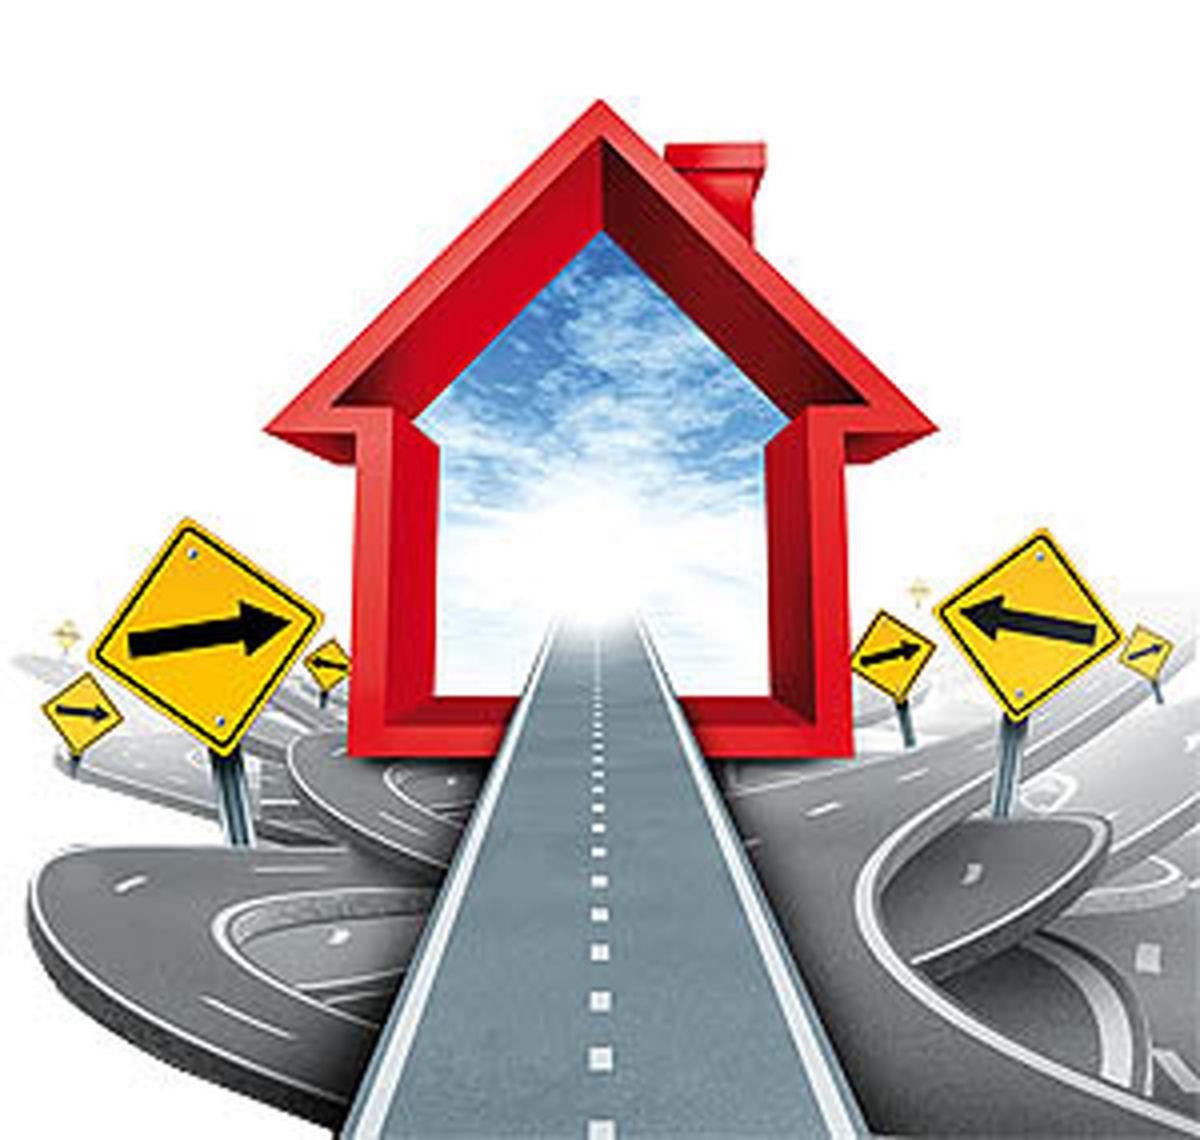 چرا بازار مسکن راکد است؟